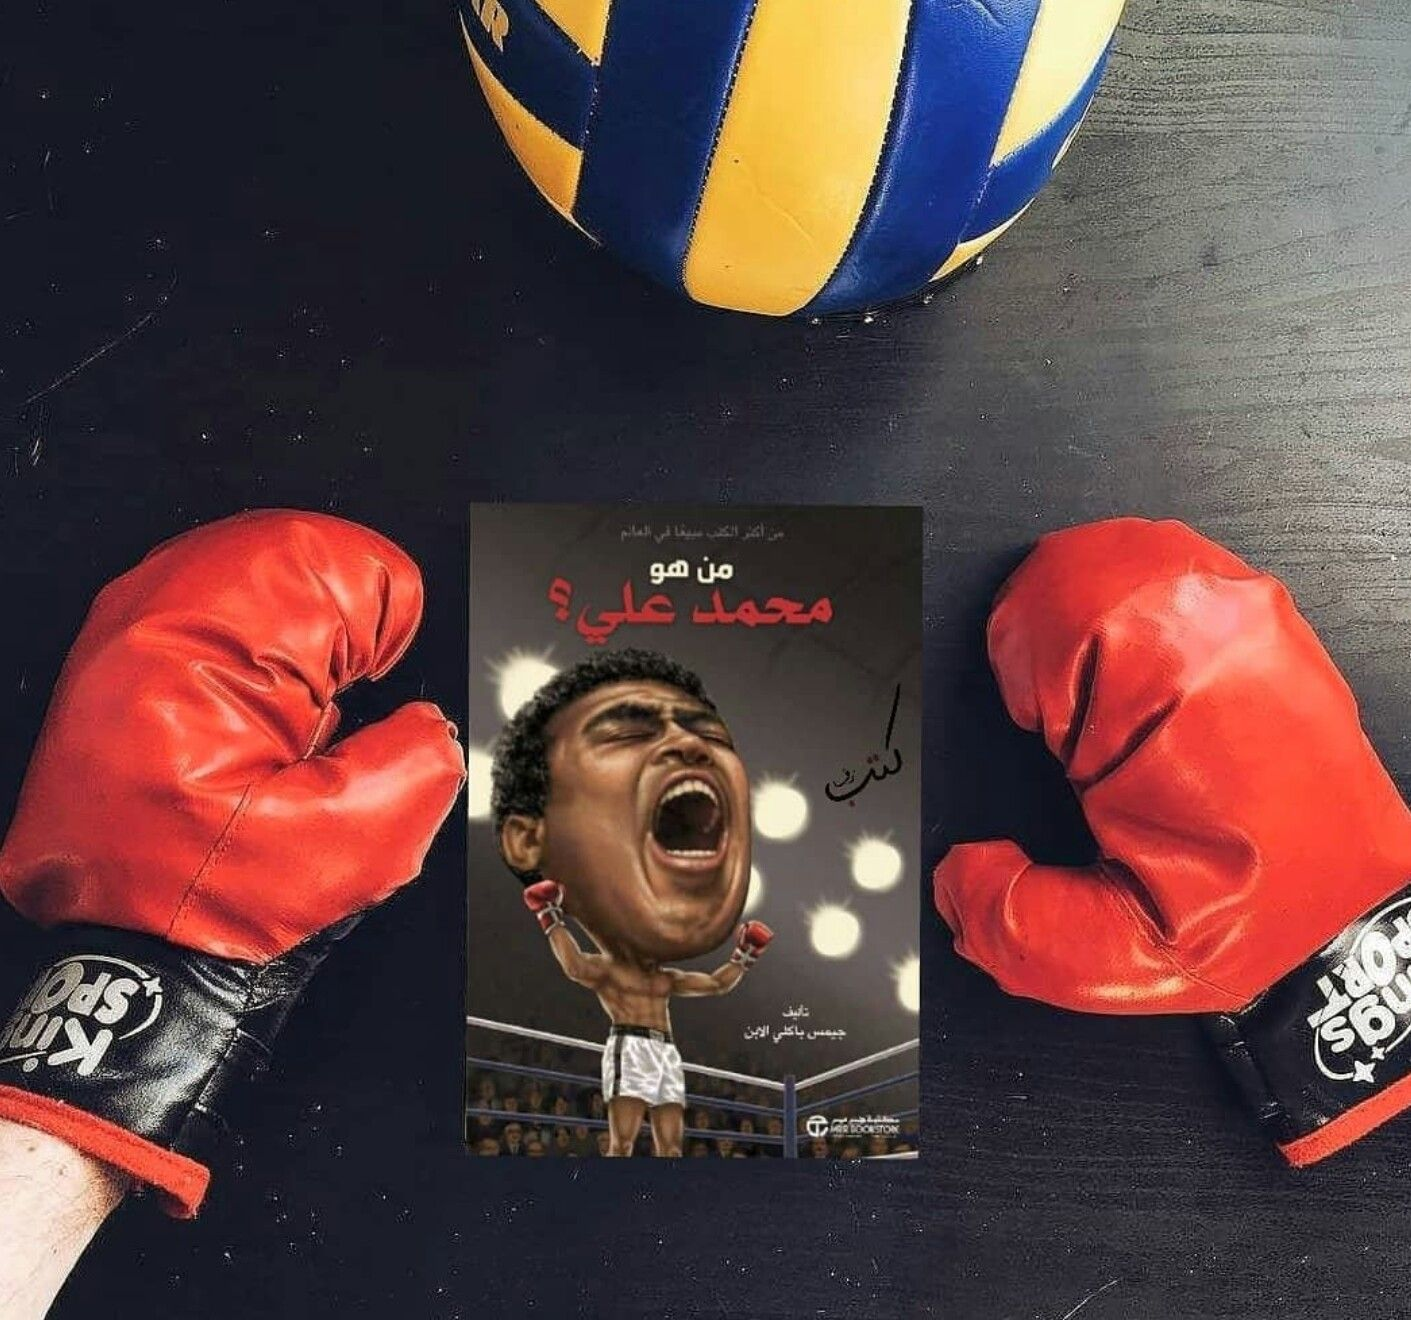 من هو محمد علي طفل صغير يدعى كاسيوس كلاي مراهق تعلم التنقل كفراشة واللدغ كنحلة بطل الوزن الثقيل في الملاكمة الأعظم في Mohammed Ali Movie Posters Poster